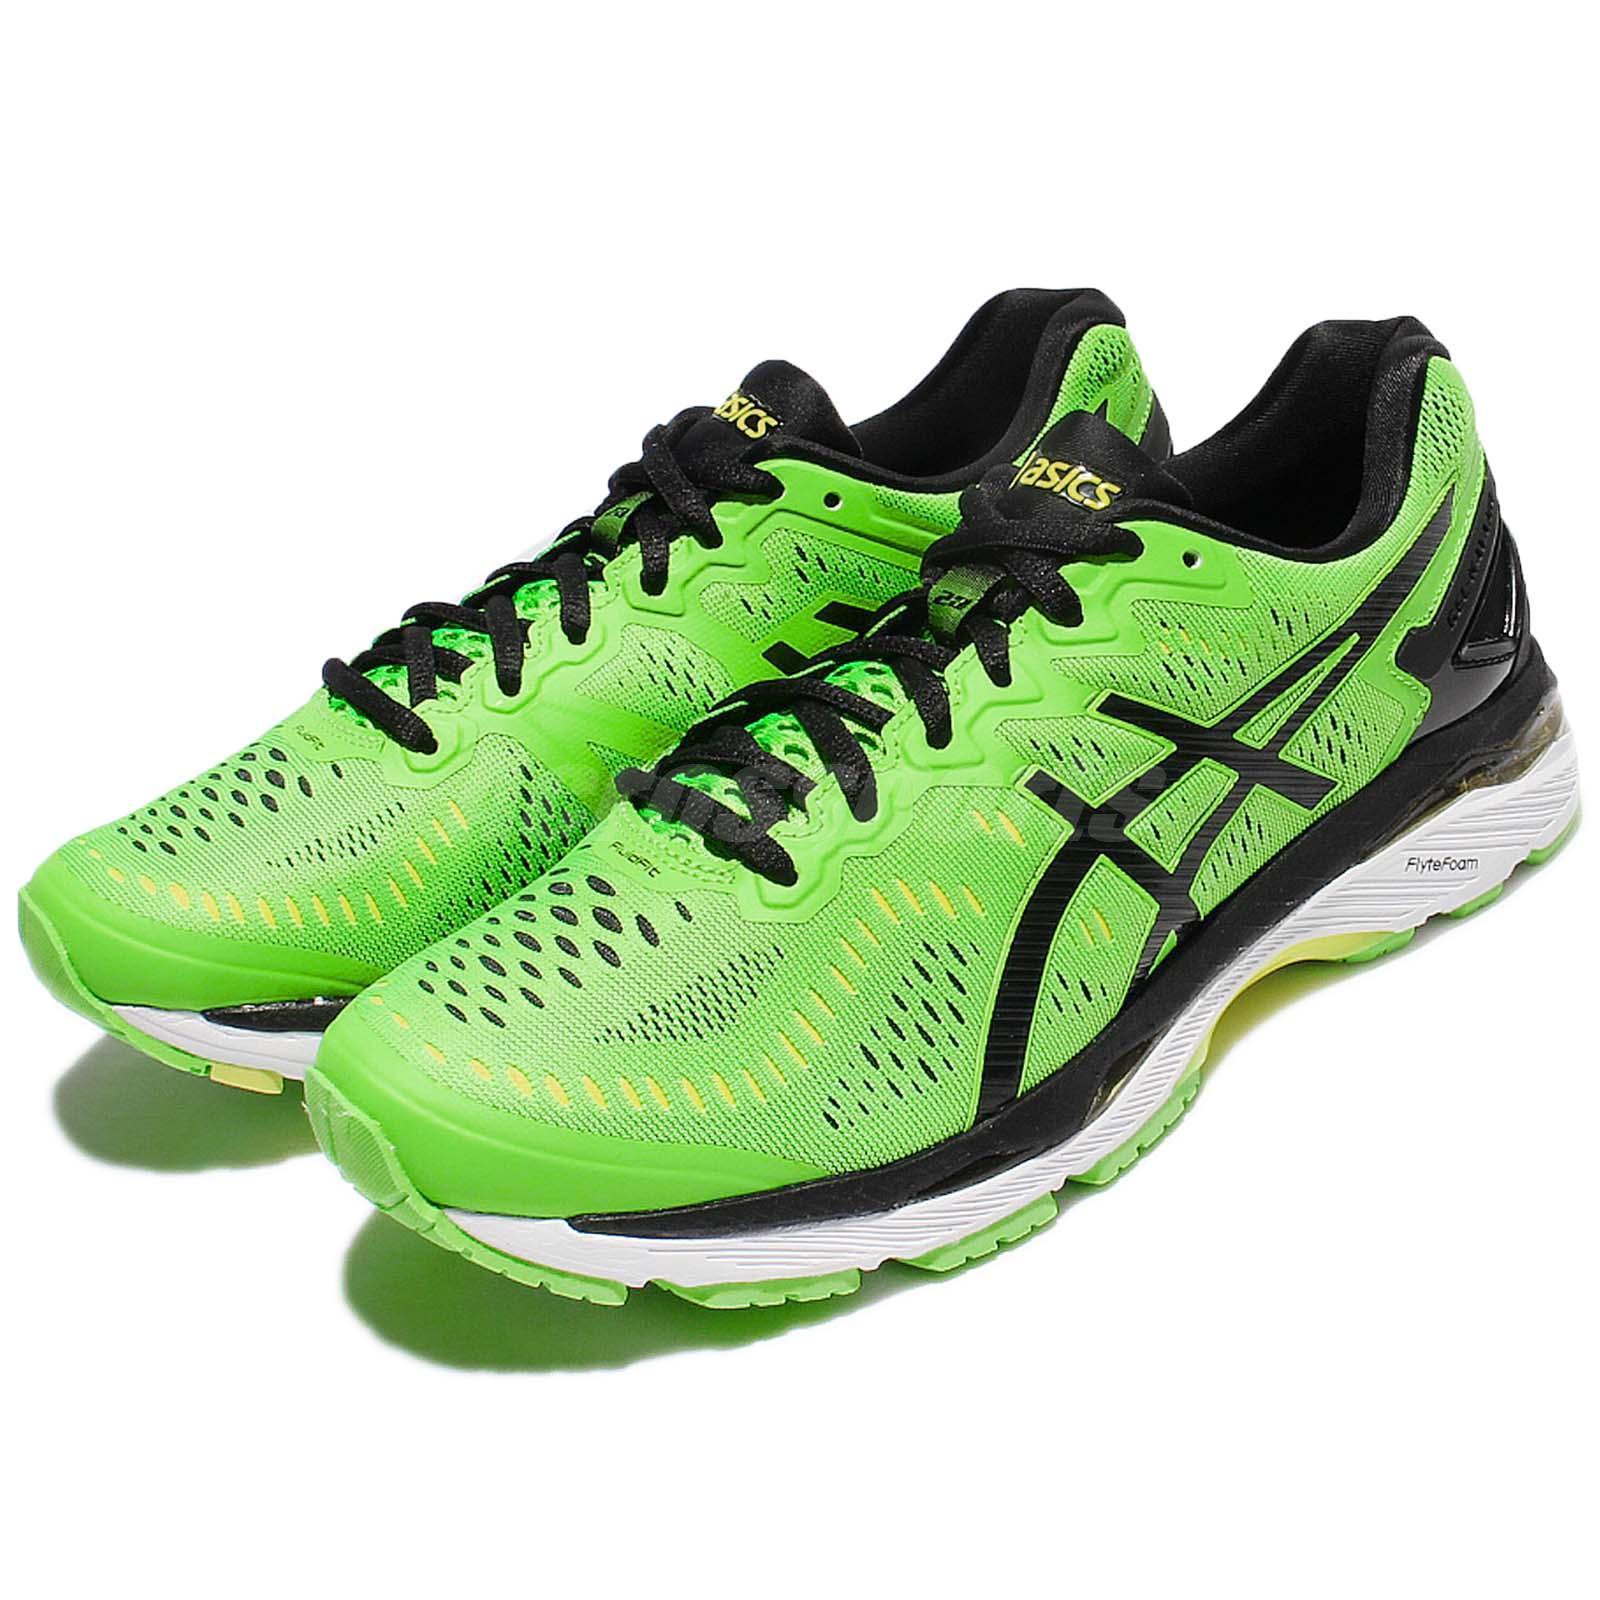 Asics Gel Kayano 23 Green Black Men Running Shoes Sneakers